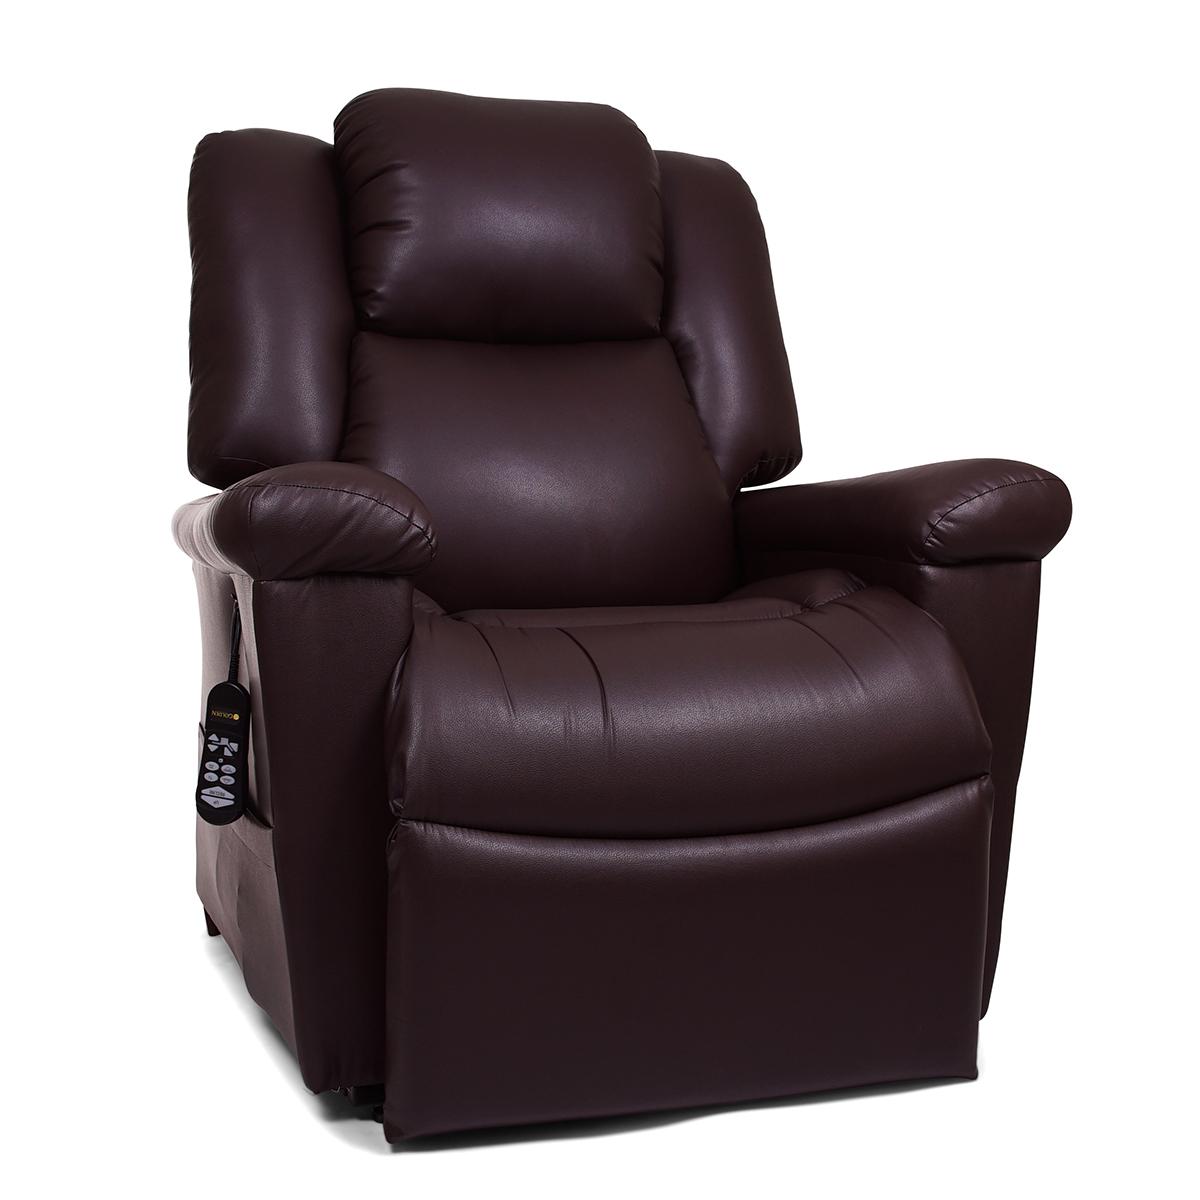 Golden Tech Day Dreamer Pr632 Infinite Position Lift Chair